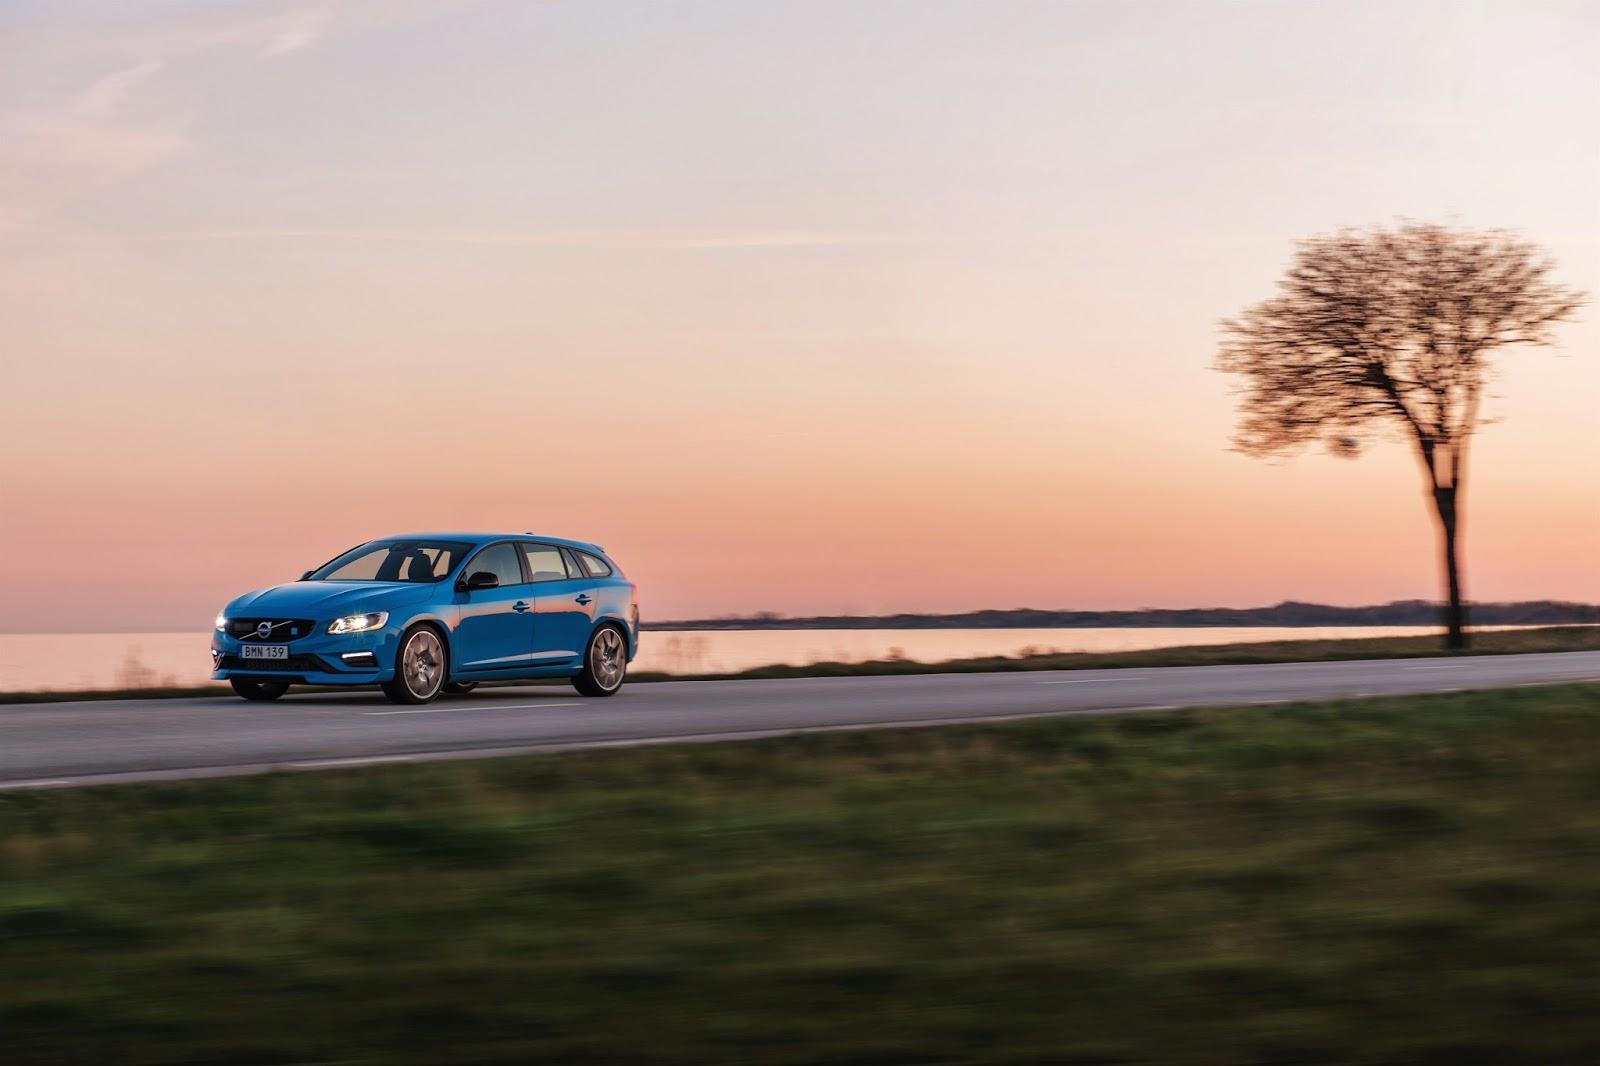 VOLVO V602BPOLESTAR Η Volvo εξαγόρασε βελτιωτικό οίκο, ετοιμάζει μοντέλα 400 ίππων Polestar, Volvo, Volvo S60, Volvo V60